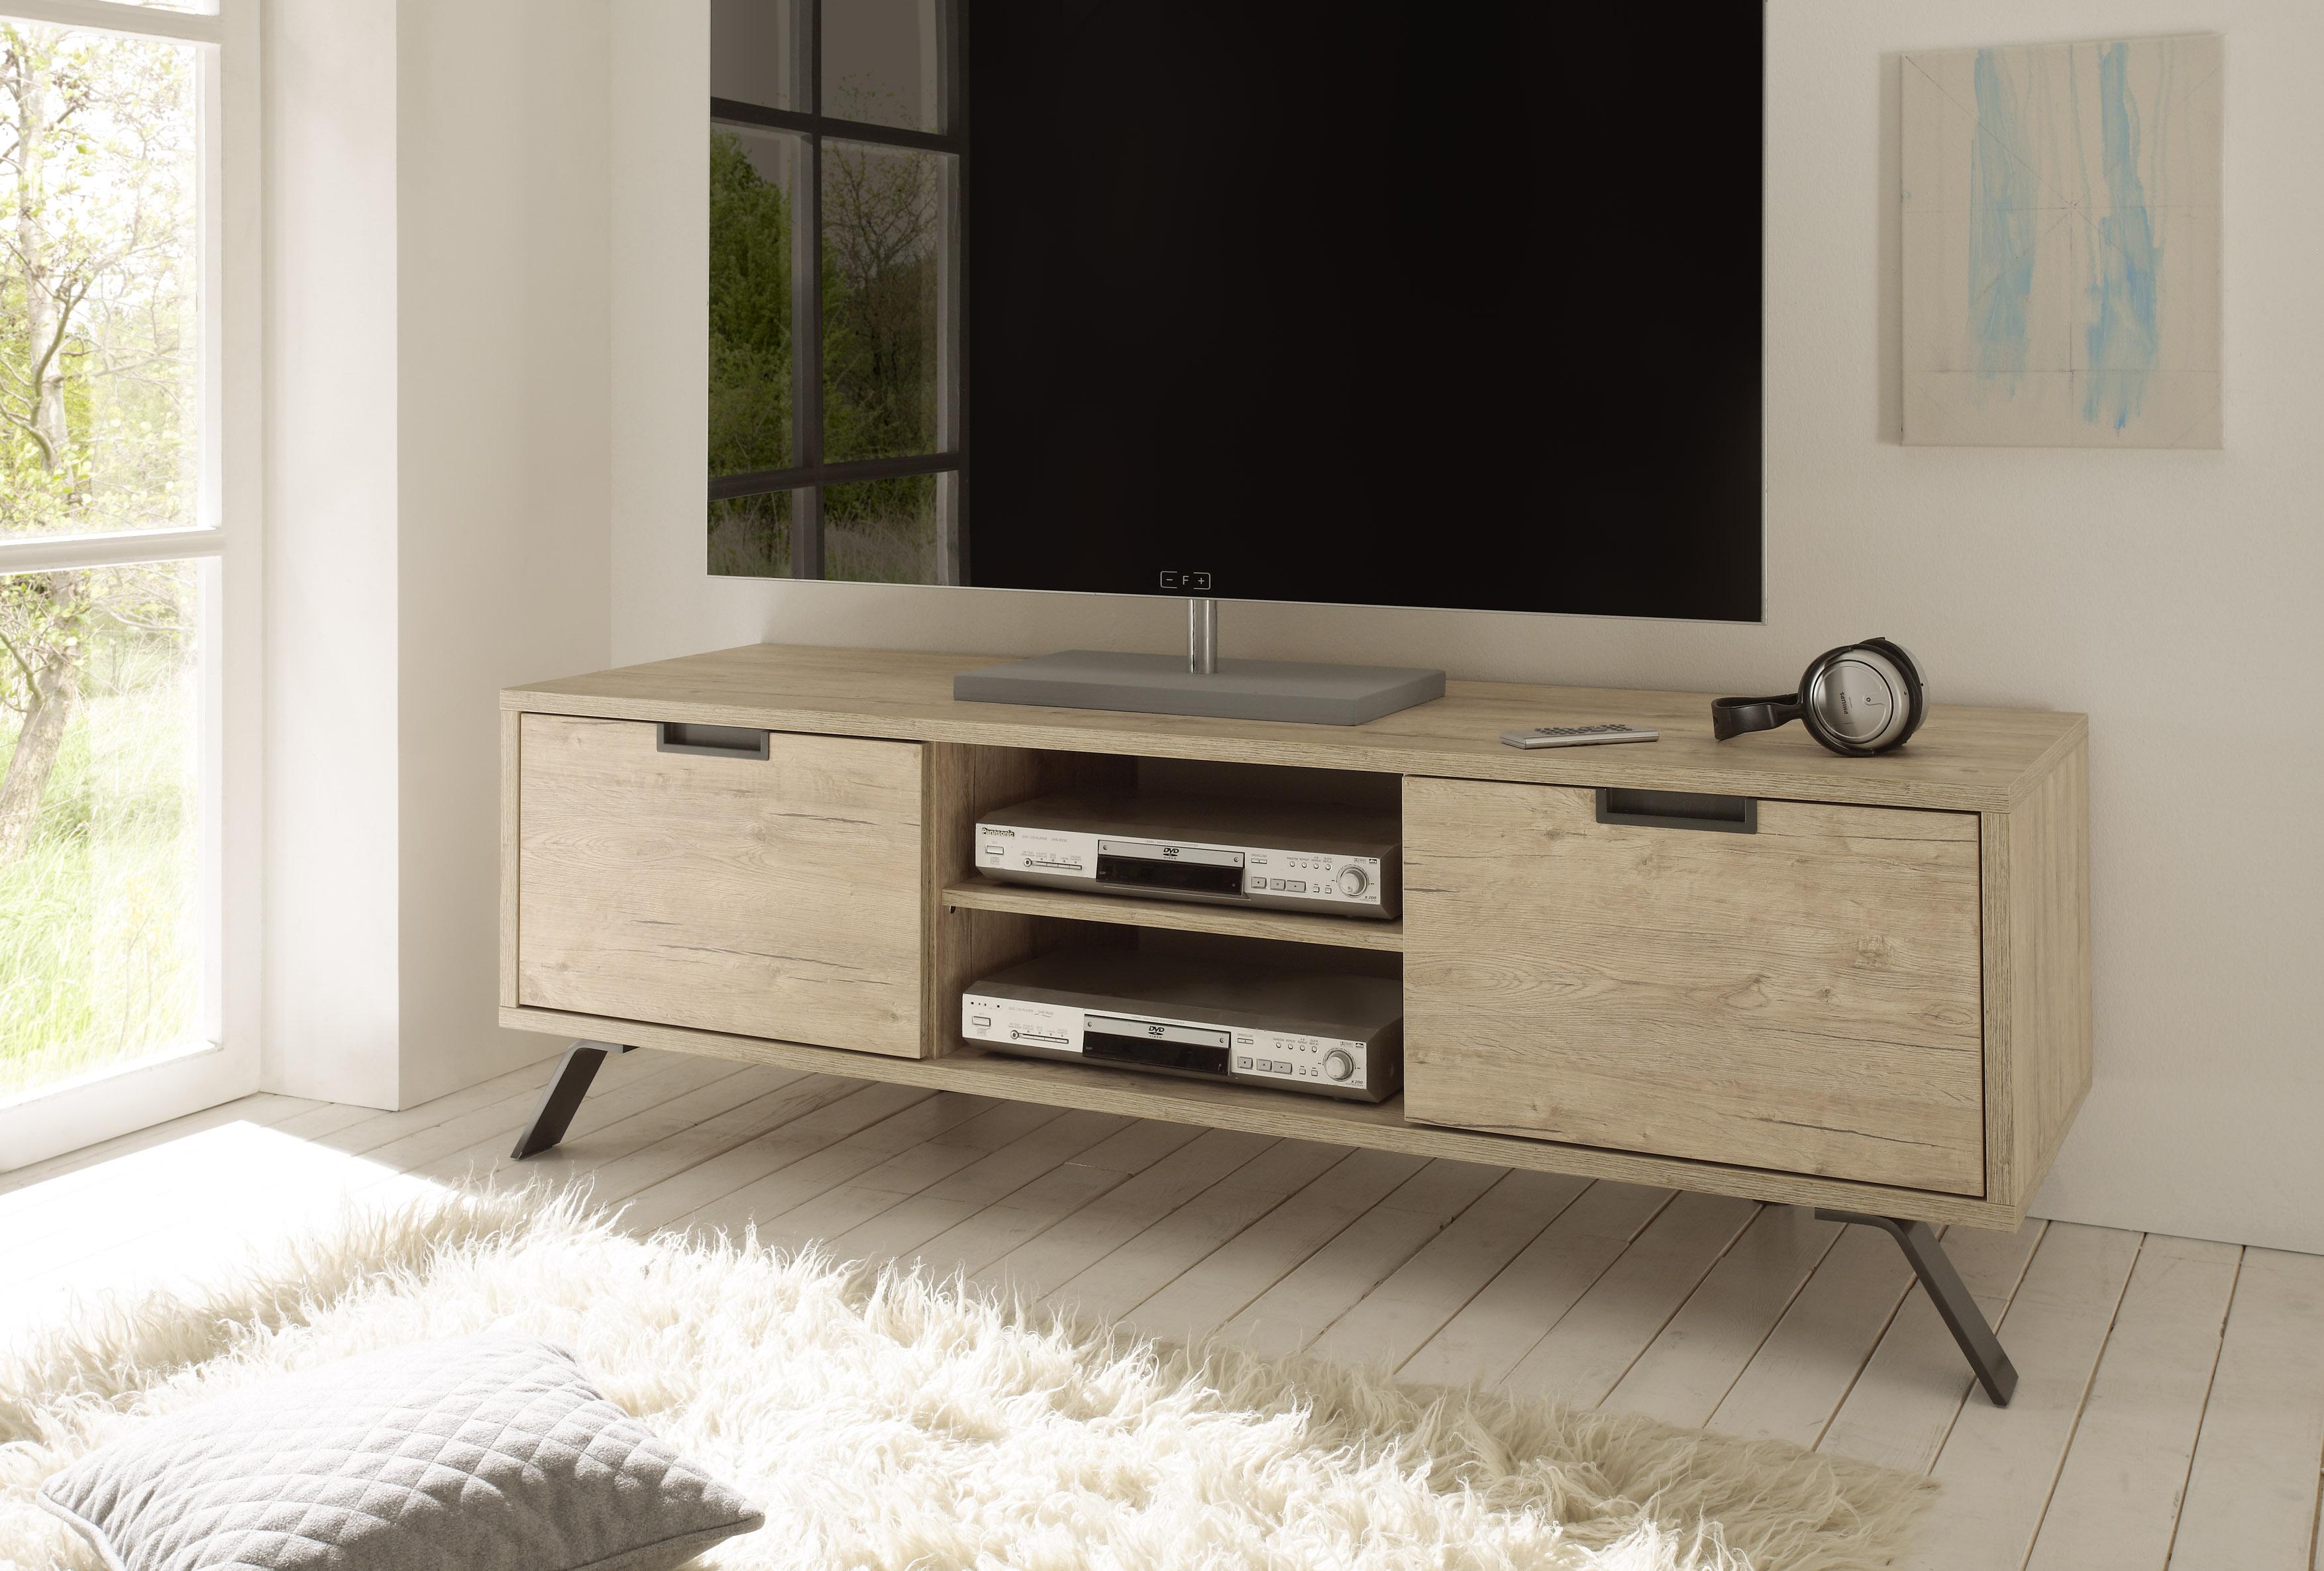 Tv Meubel Design Eiken.Eiken Kleurige Tv Meubels Kopen Meubeldeals Nl